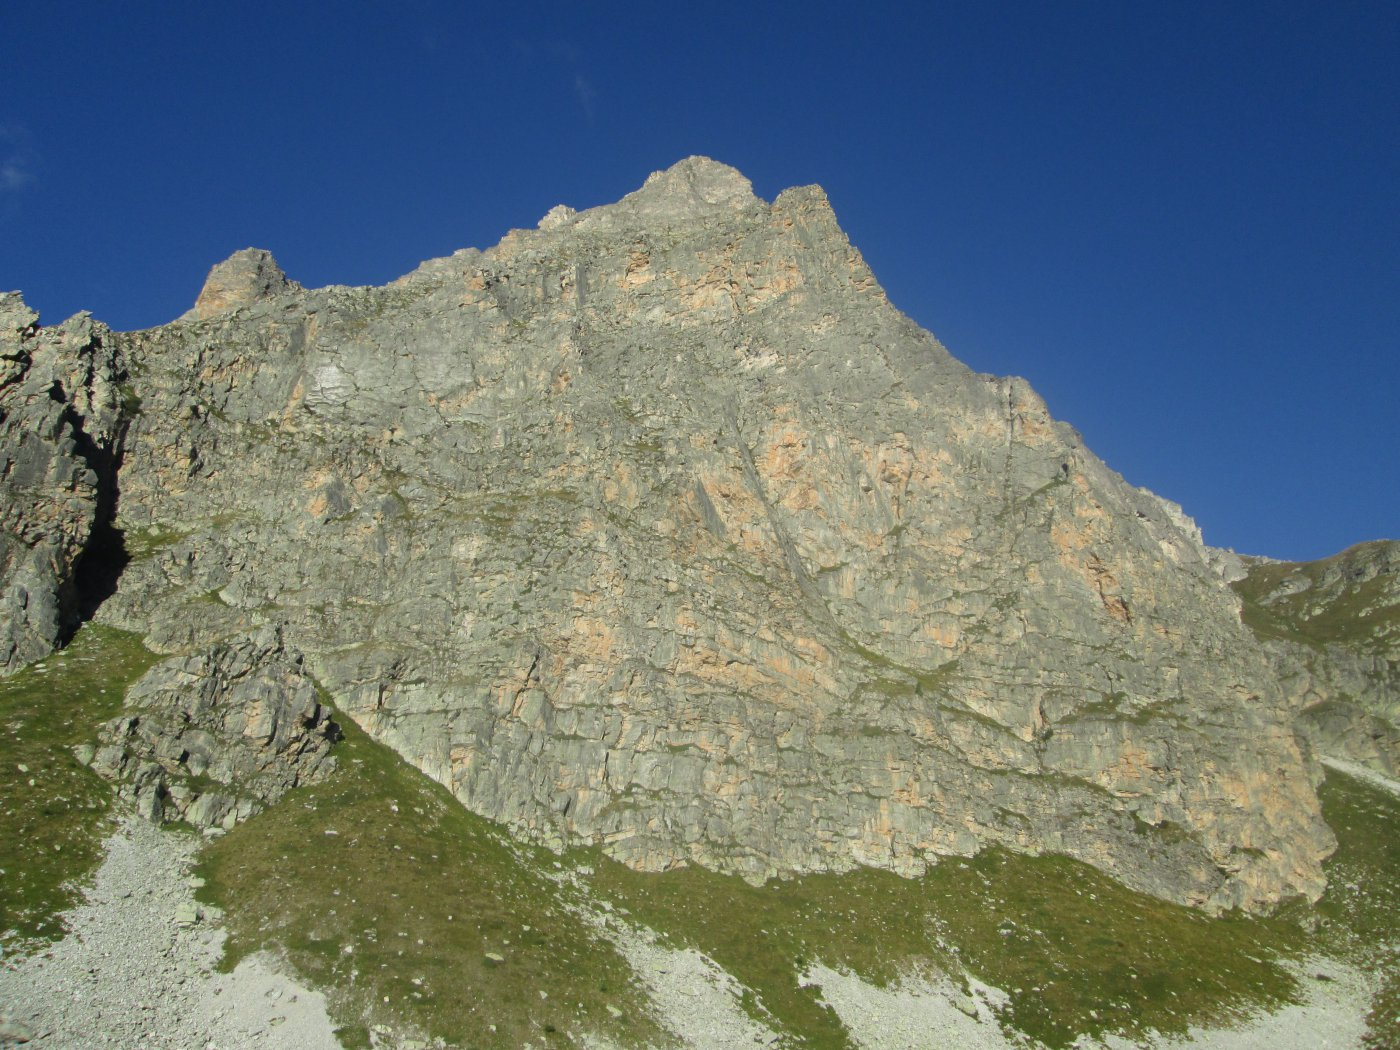 Imponenza rocciosa